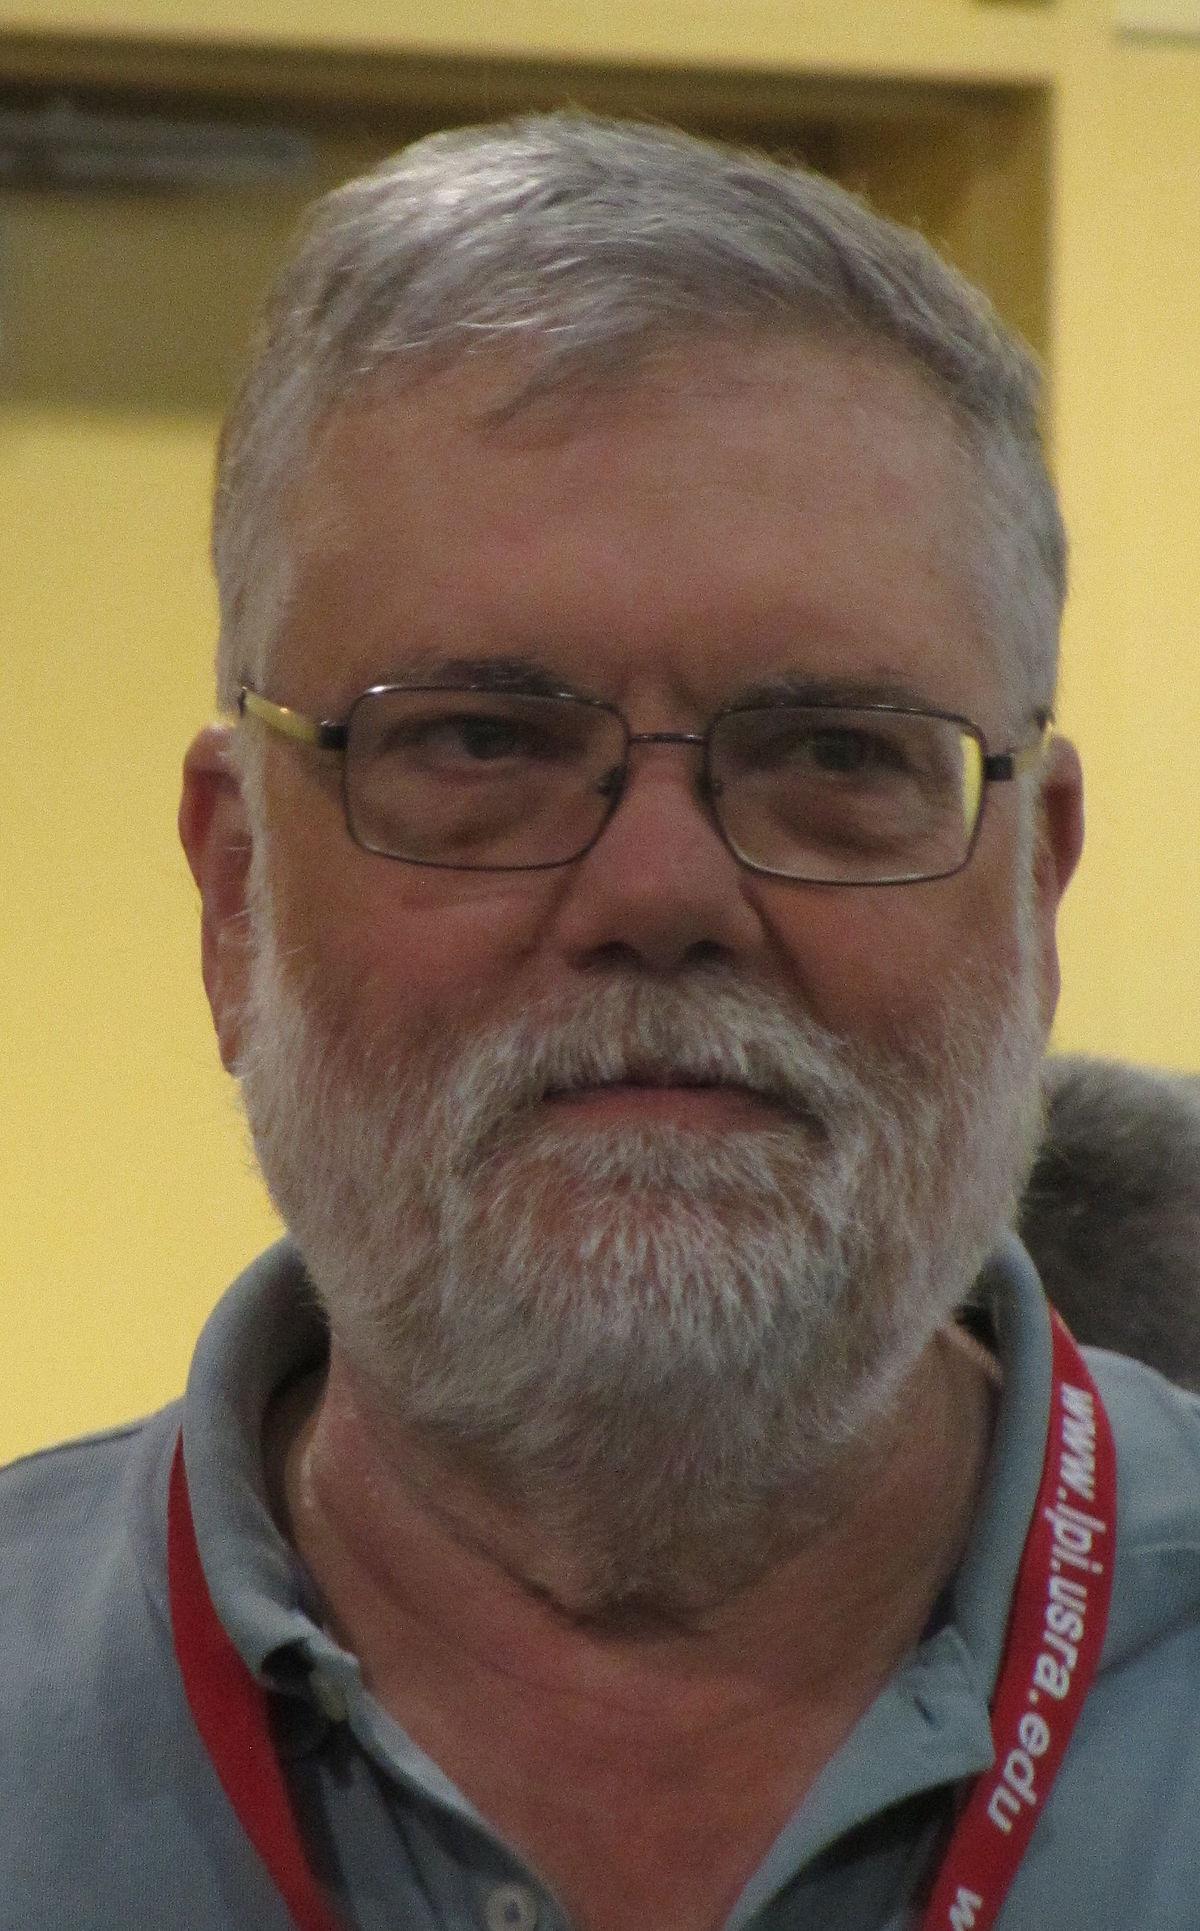 H Jay Melosh  Wikipedia